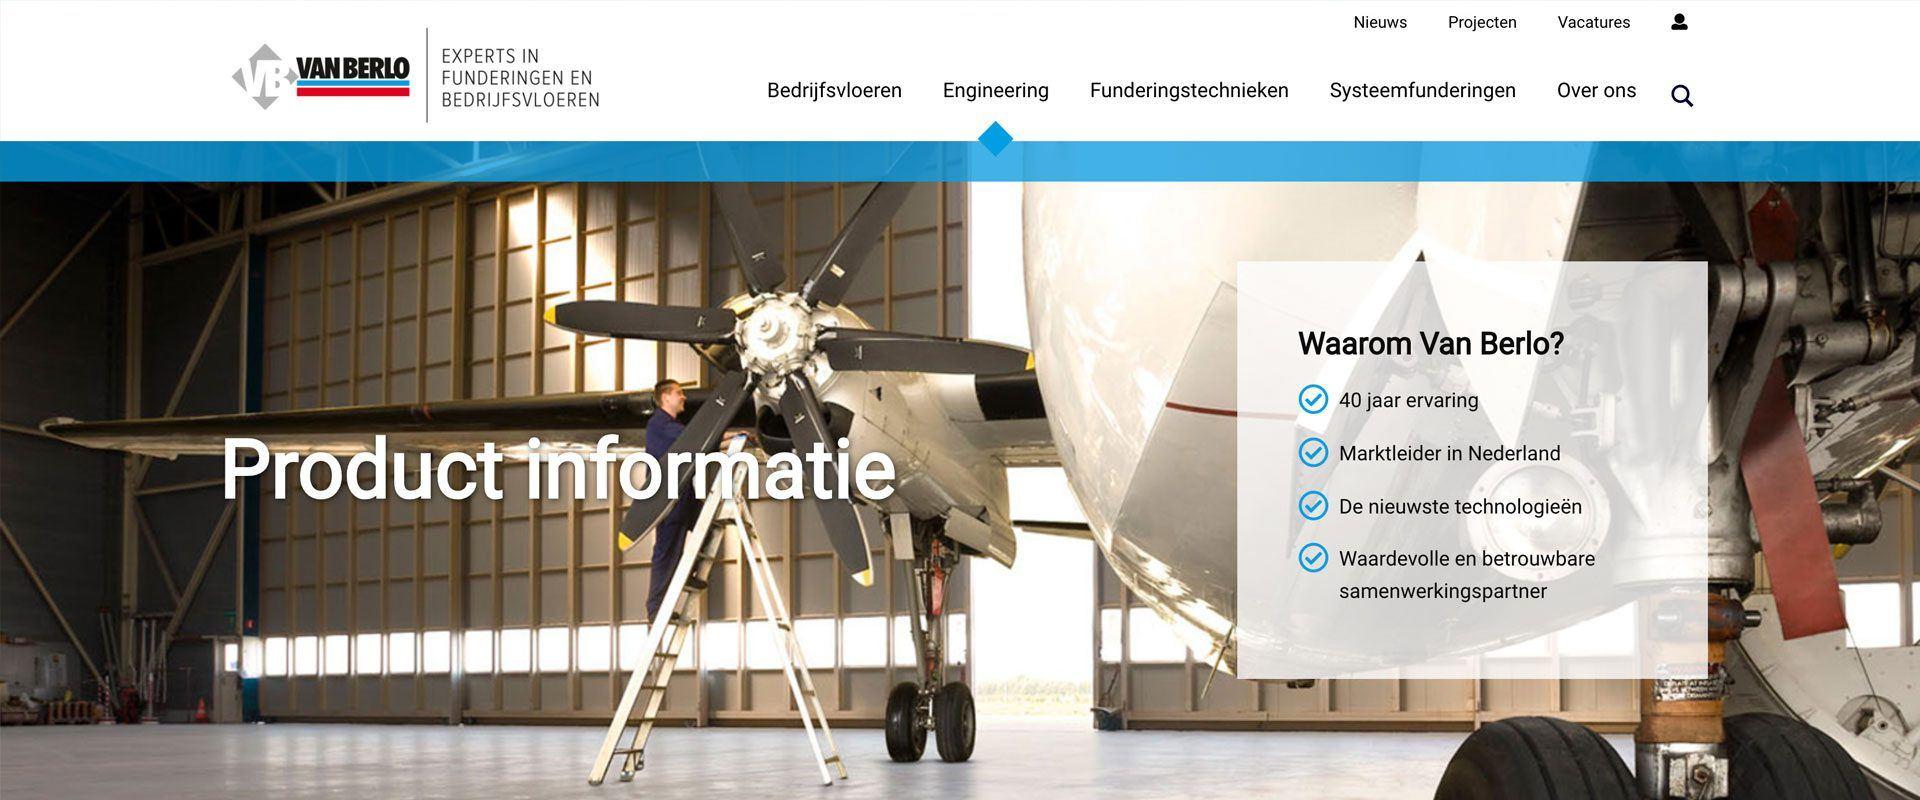 WordPress-website-design-7